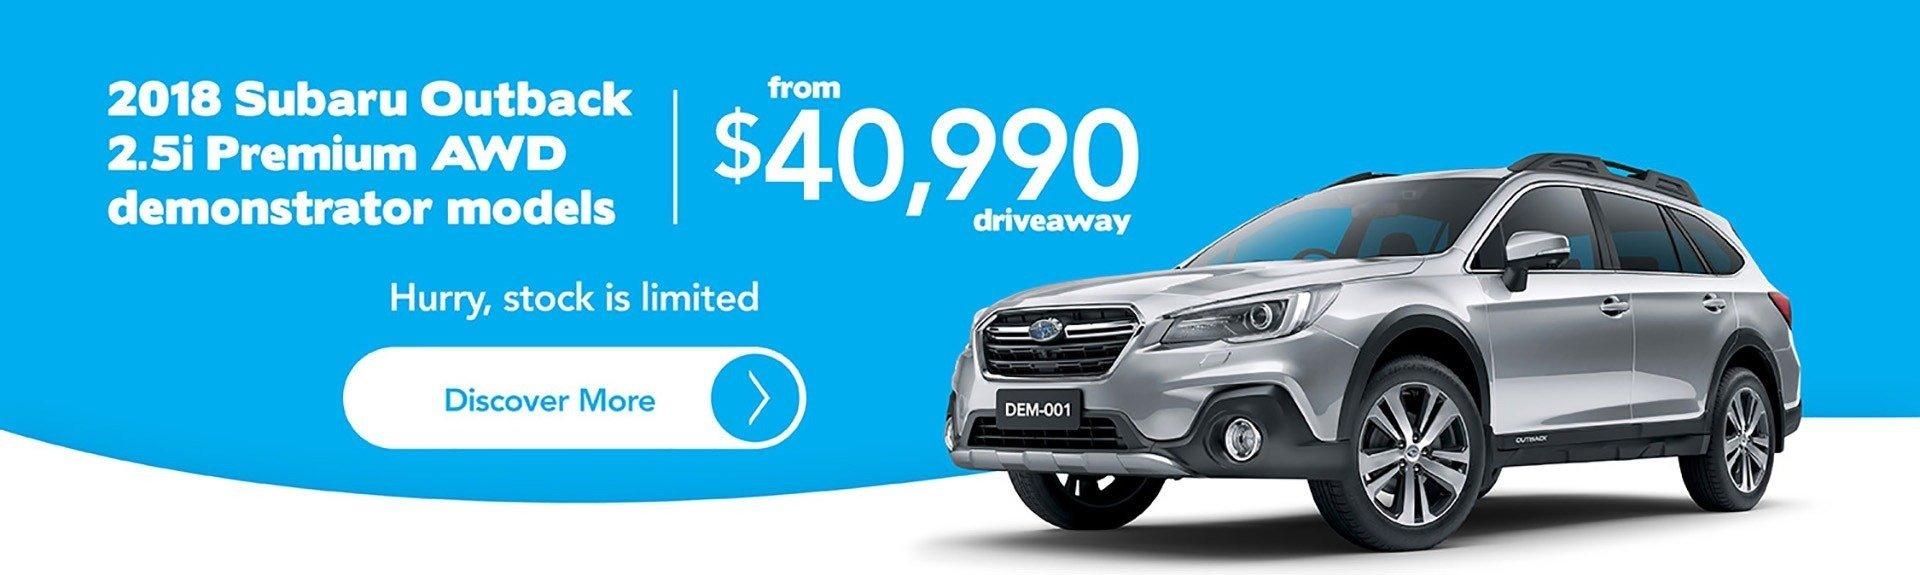 2018 Subaru Outback 2.5i Premium AWD Demo